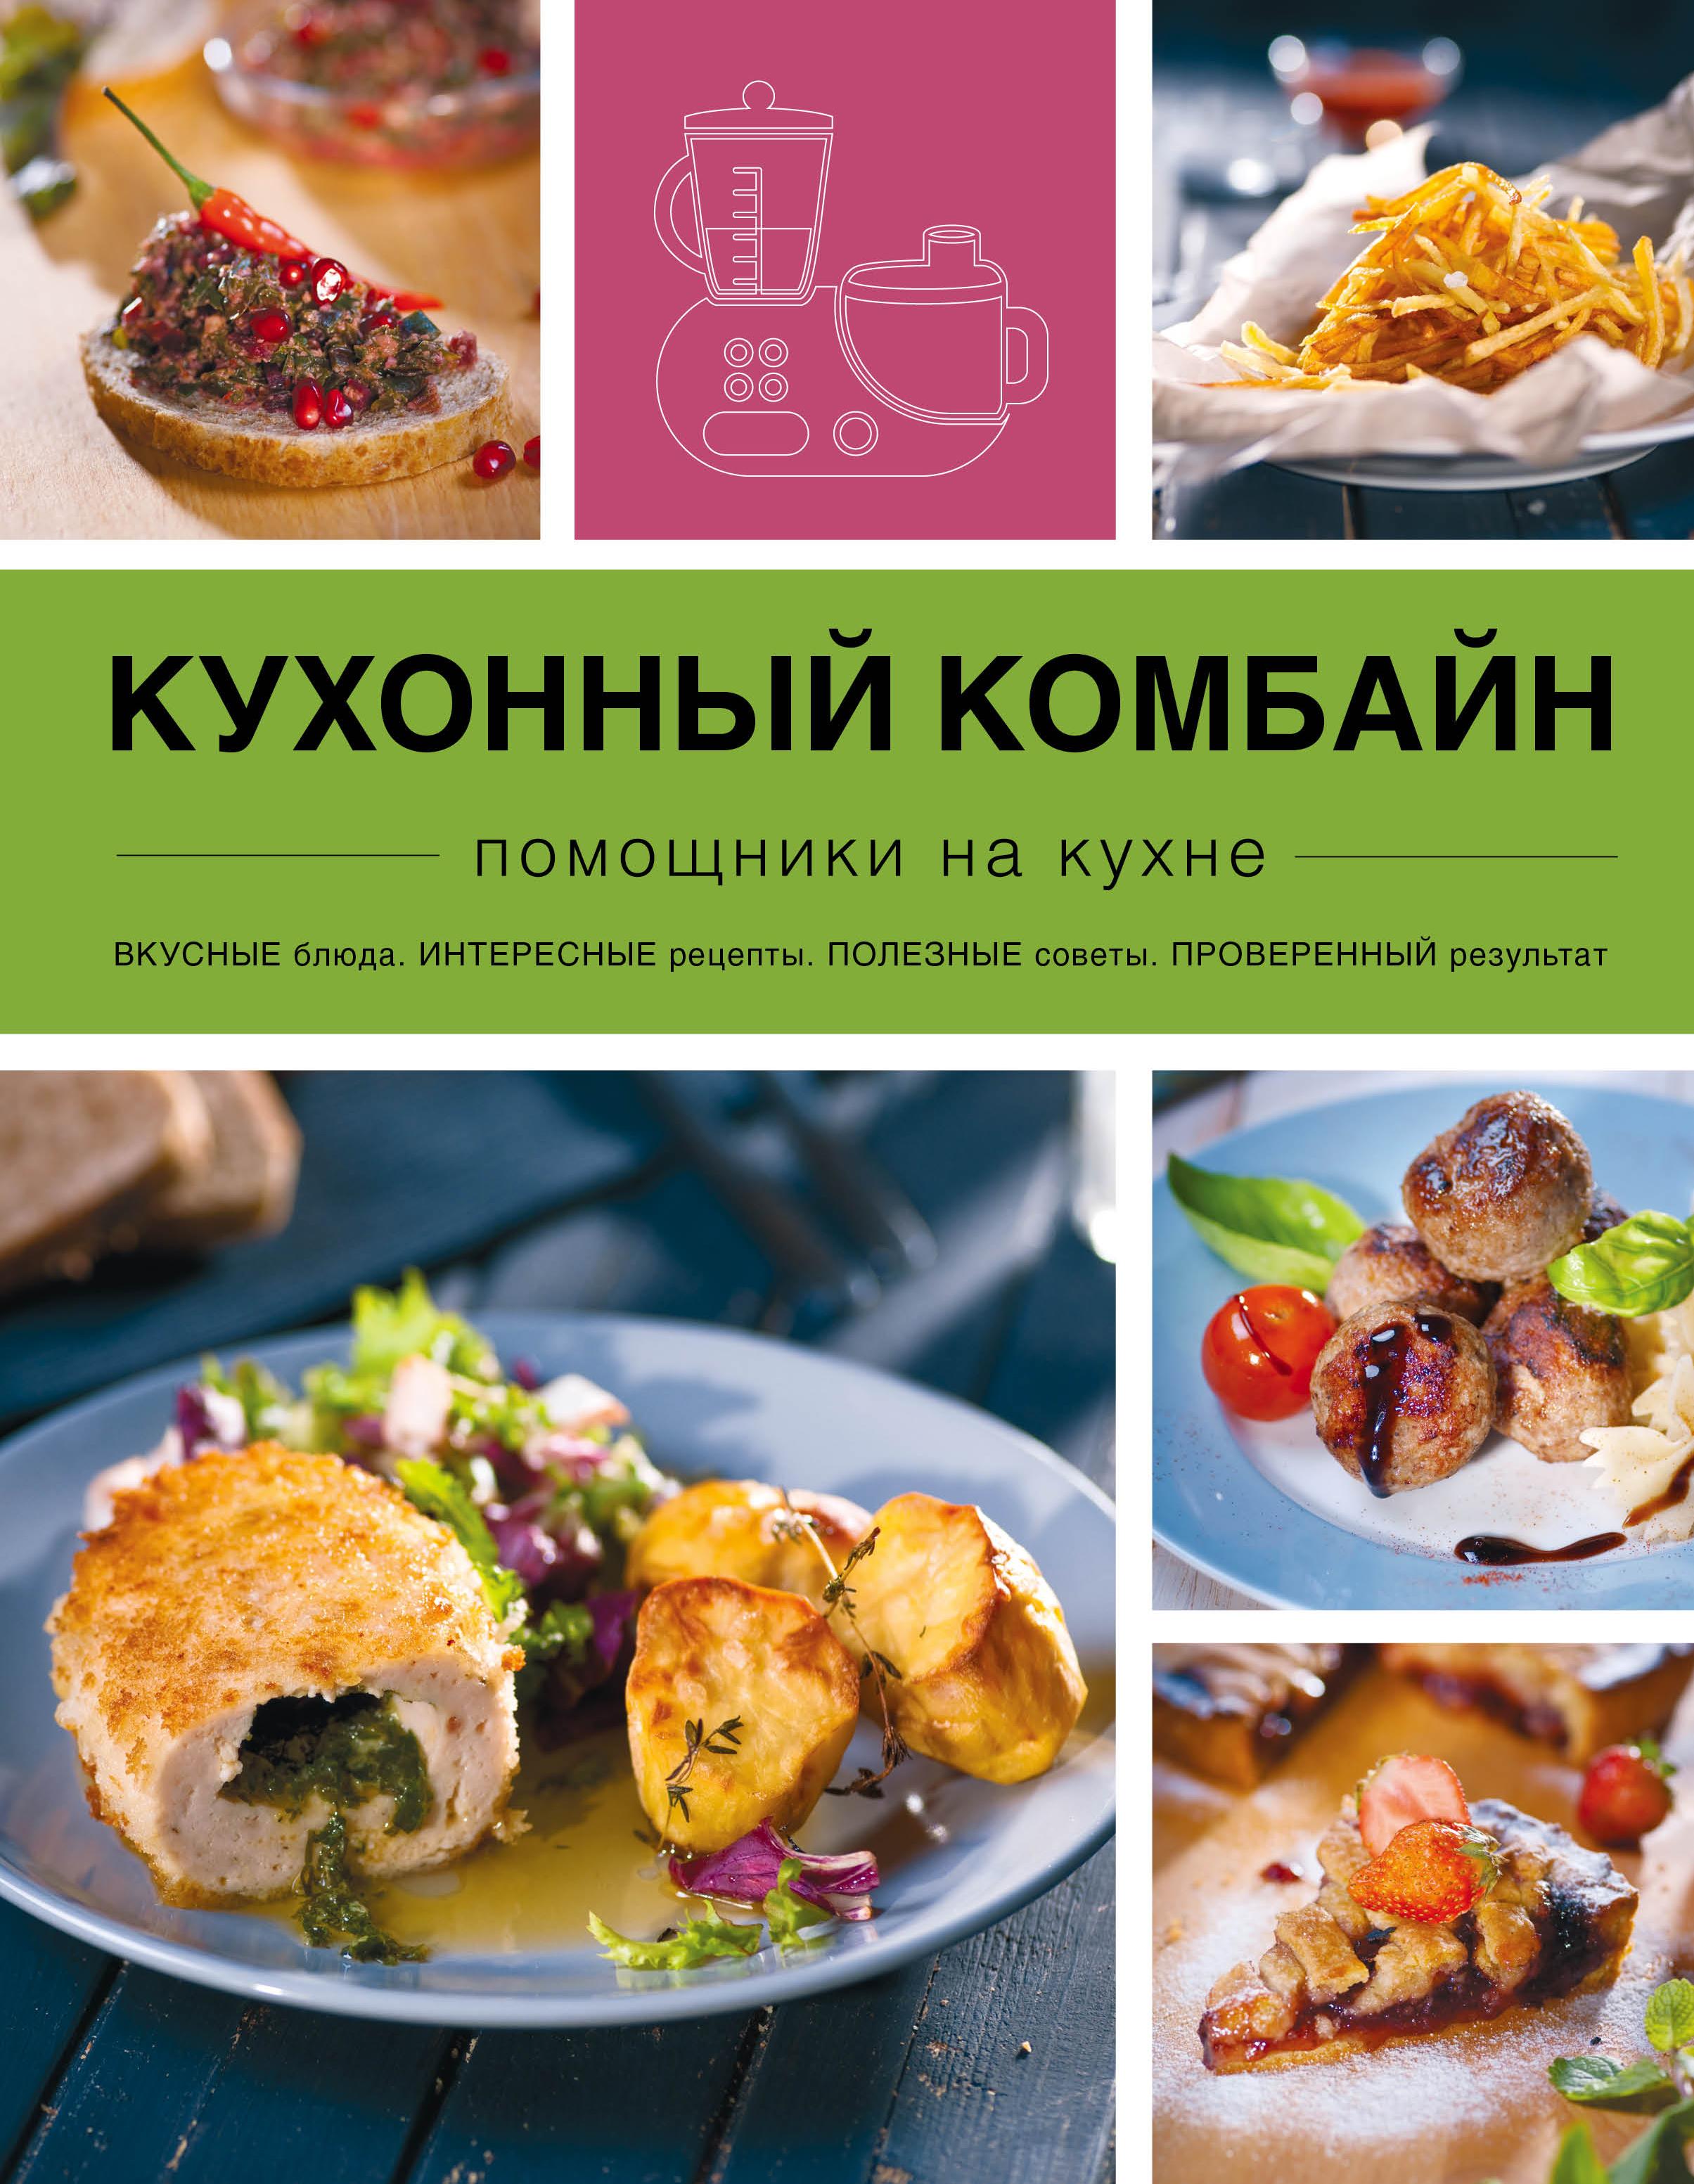 Кухонный комбайн ЭКСМО  B803